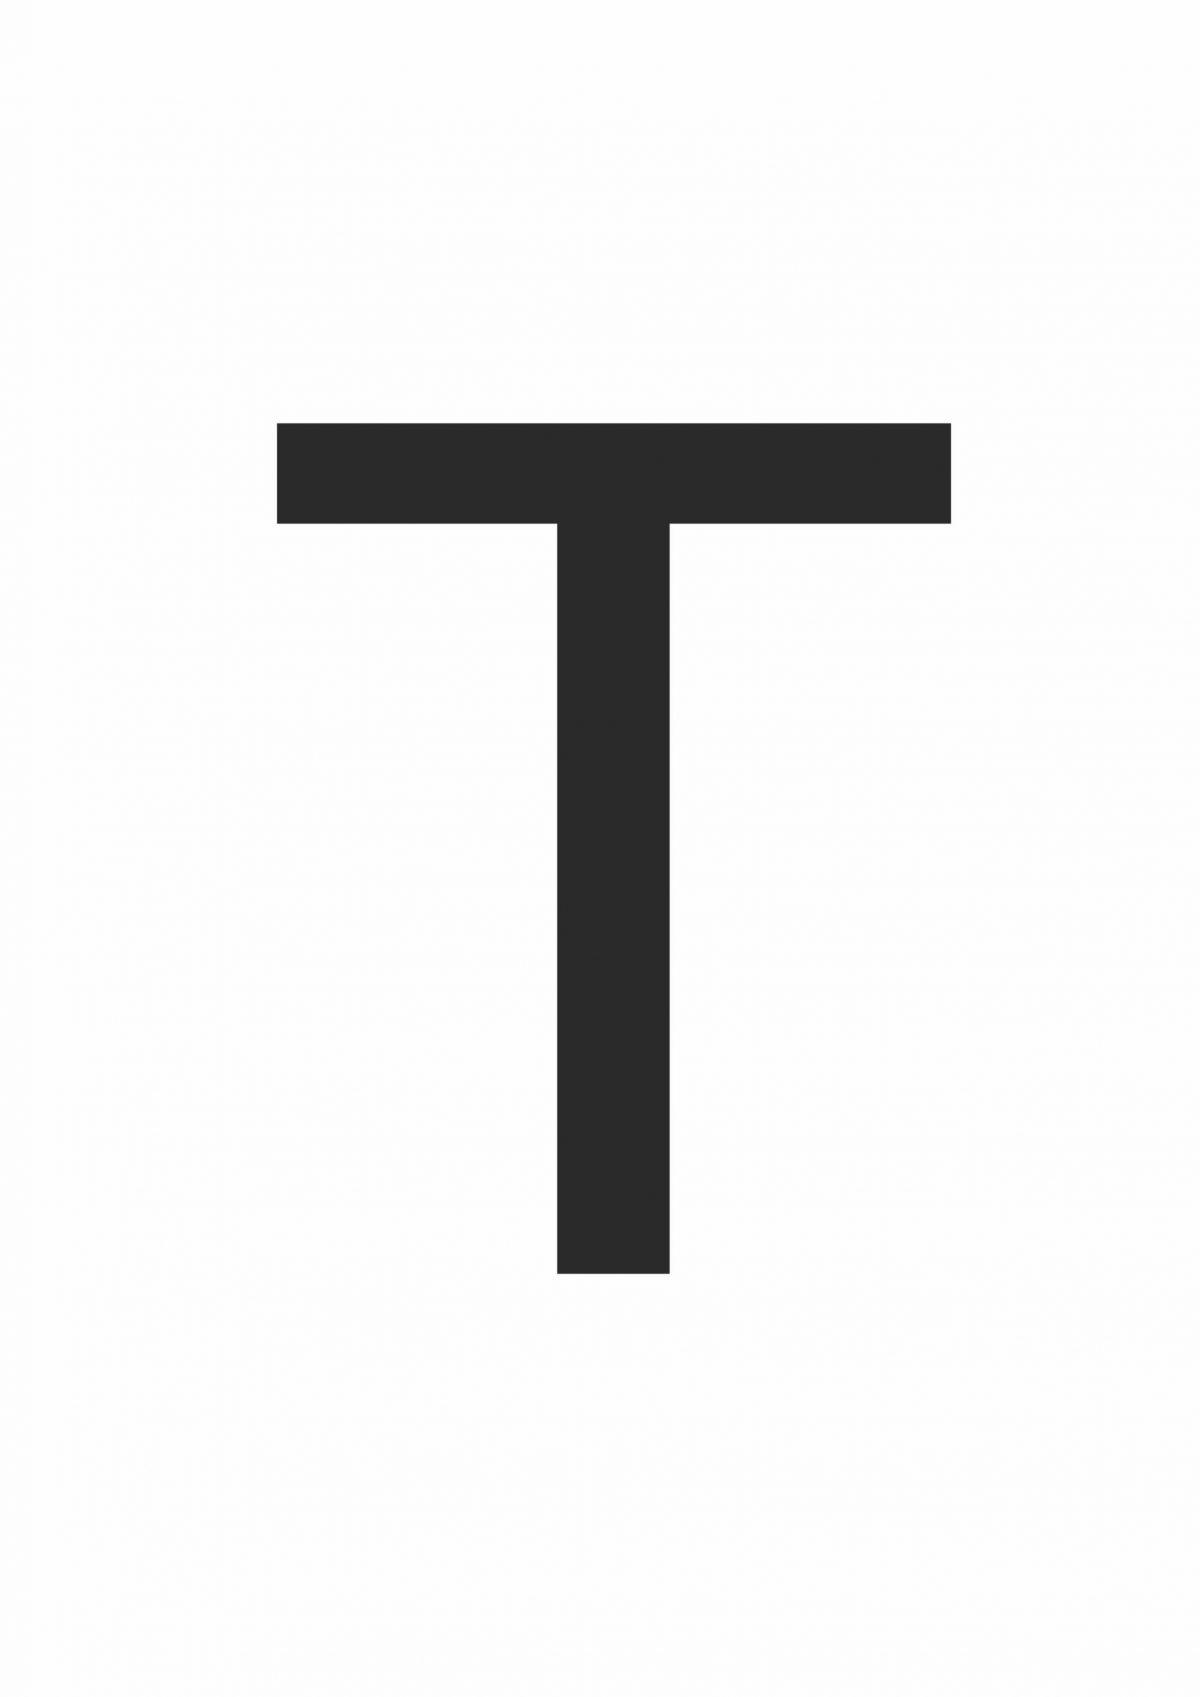 Буква Т формата А4